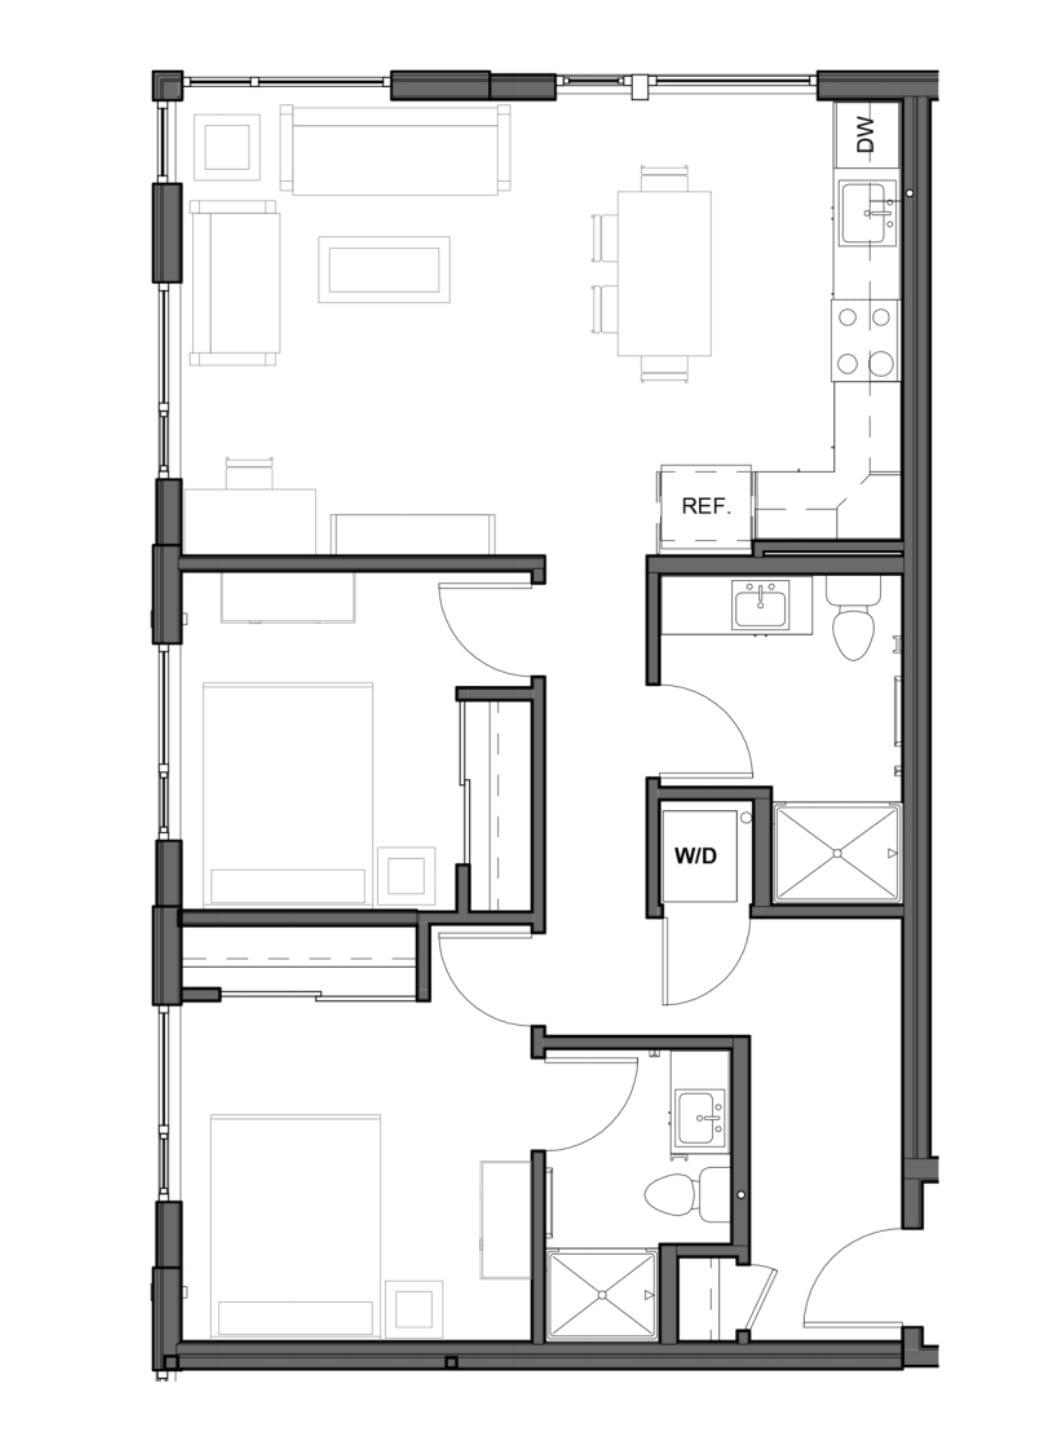 2 BD 2 BA – D Floor Plan